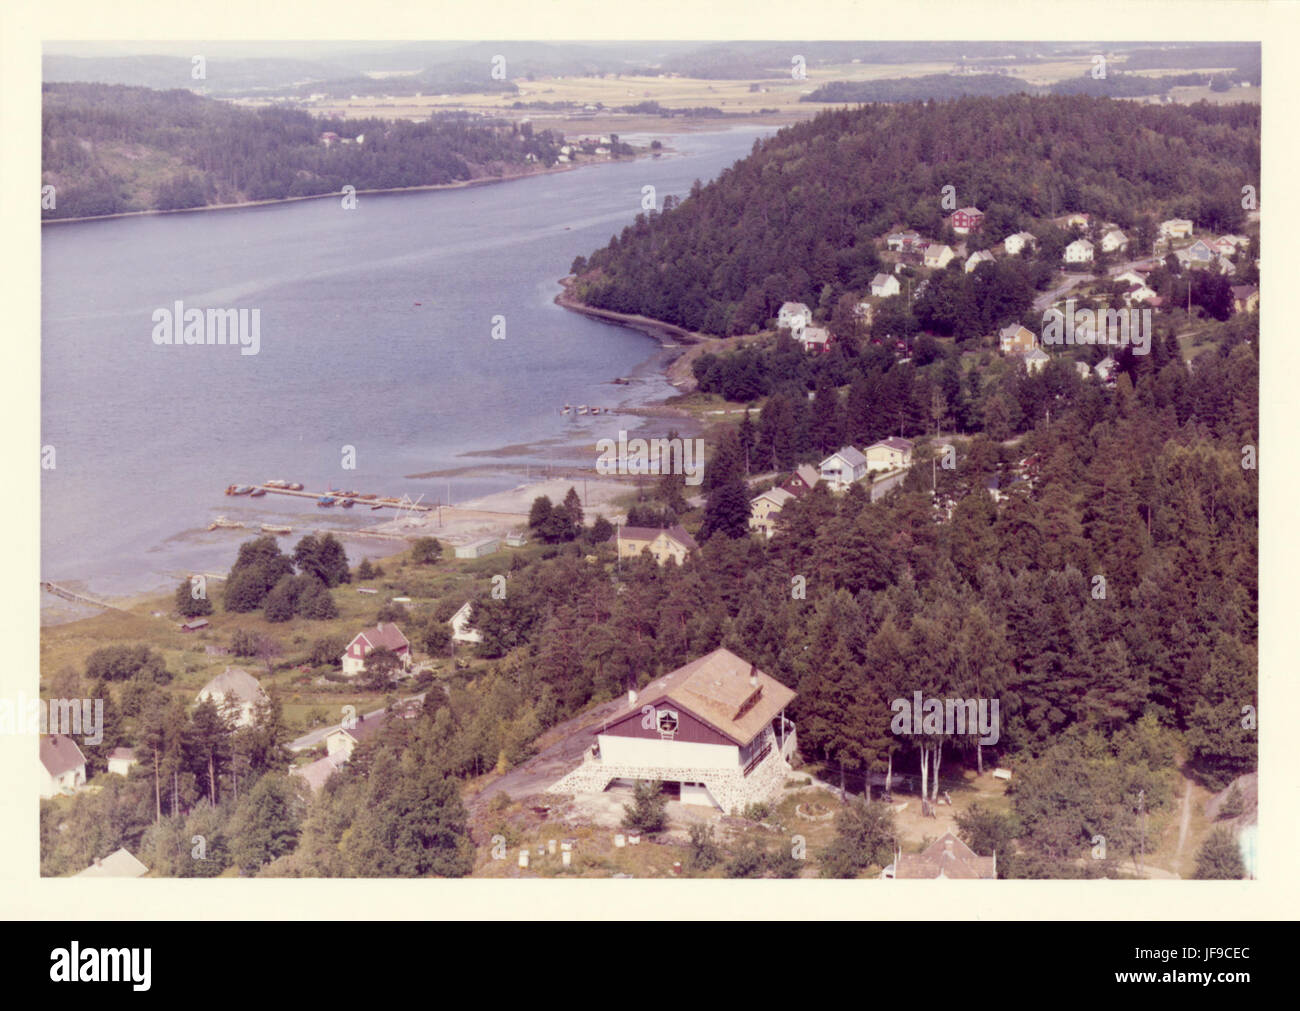 Nordre Munkerekka, Munkerekkbukta, Nøtterøy 24587419013 o - Stock Image